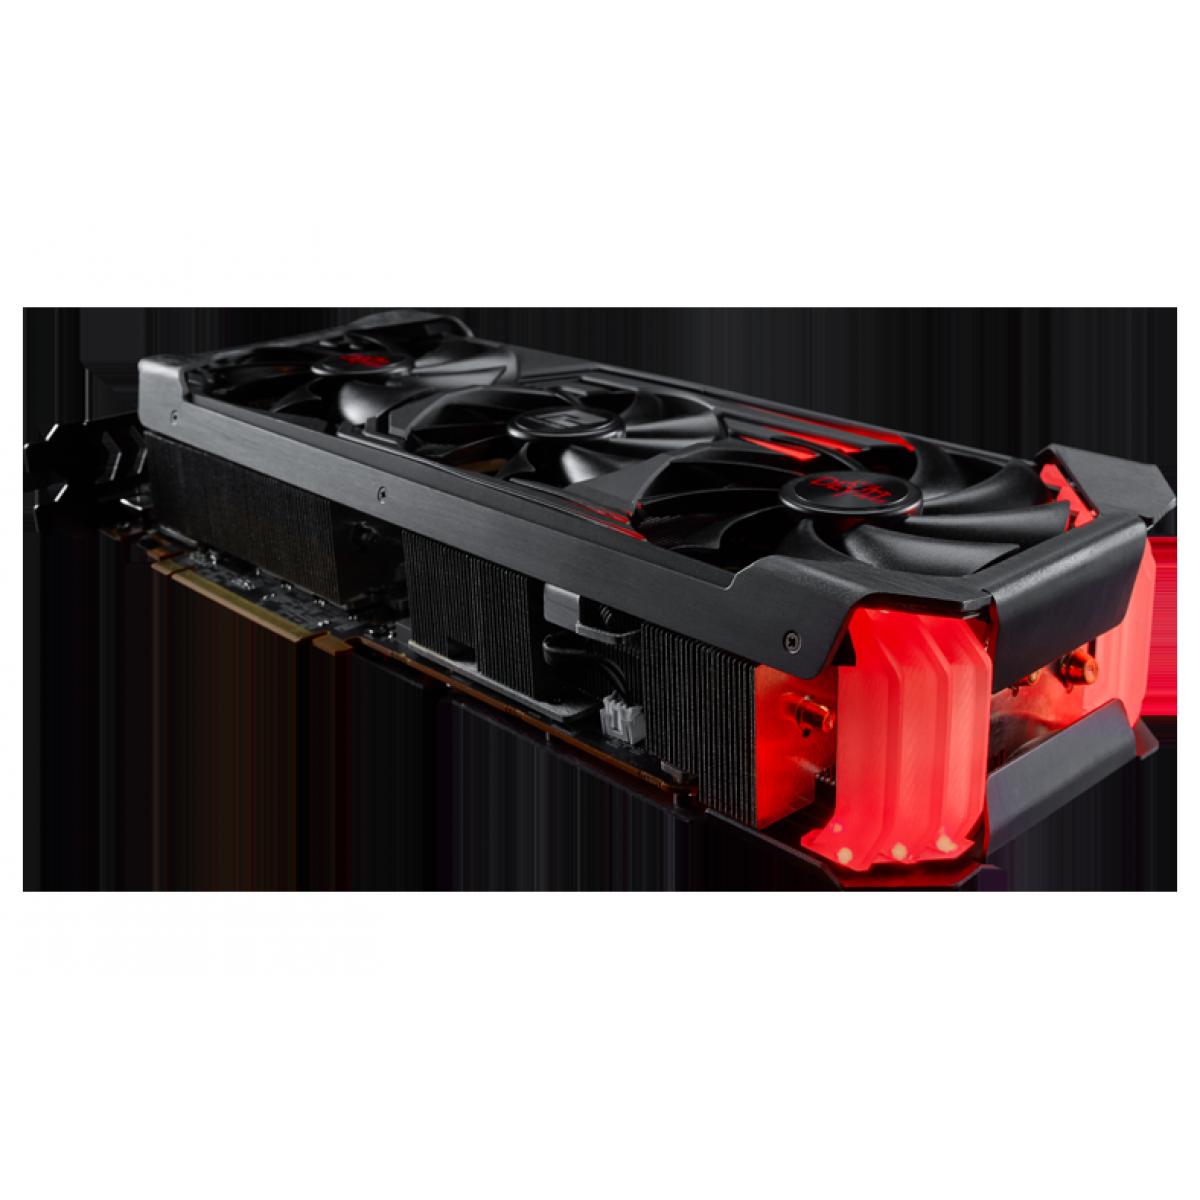 Placa de Vídeo PowerColor Radeon RX 6800 XT Red Devil, 16GB, GDDR6, 256bit, AXRX 6800XT 16GBD6-3DHE/OC